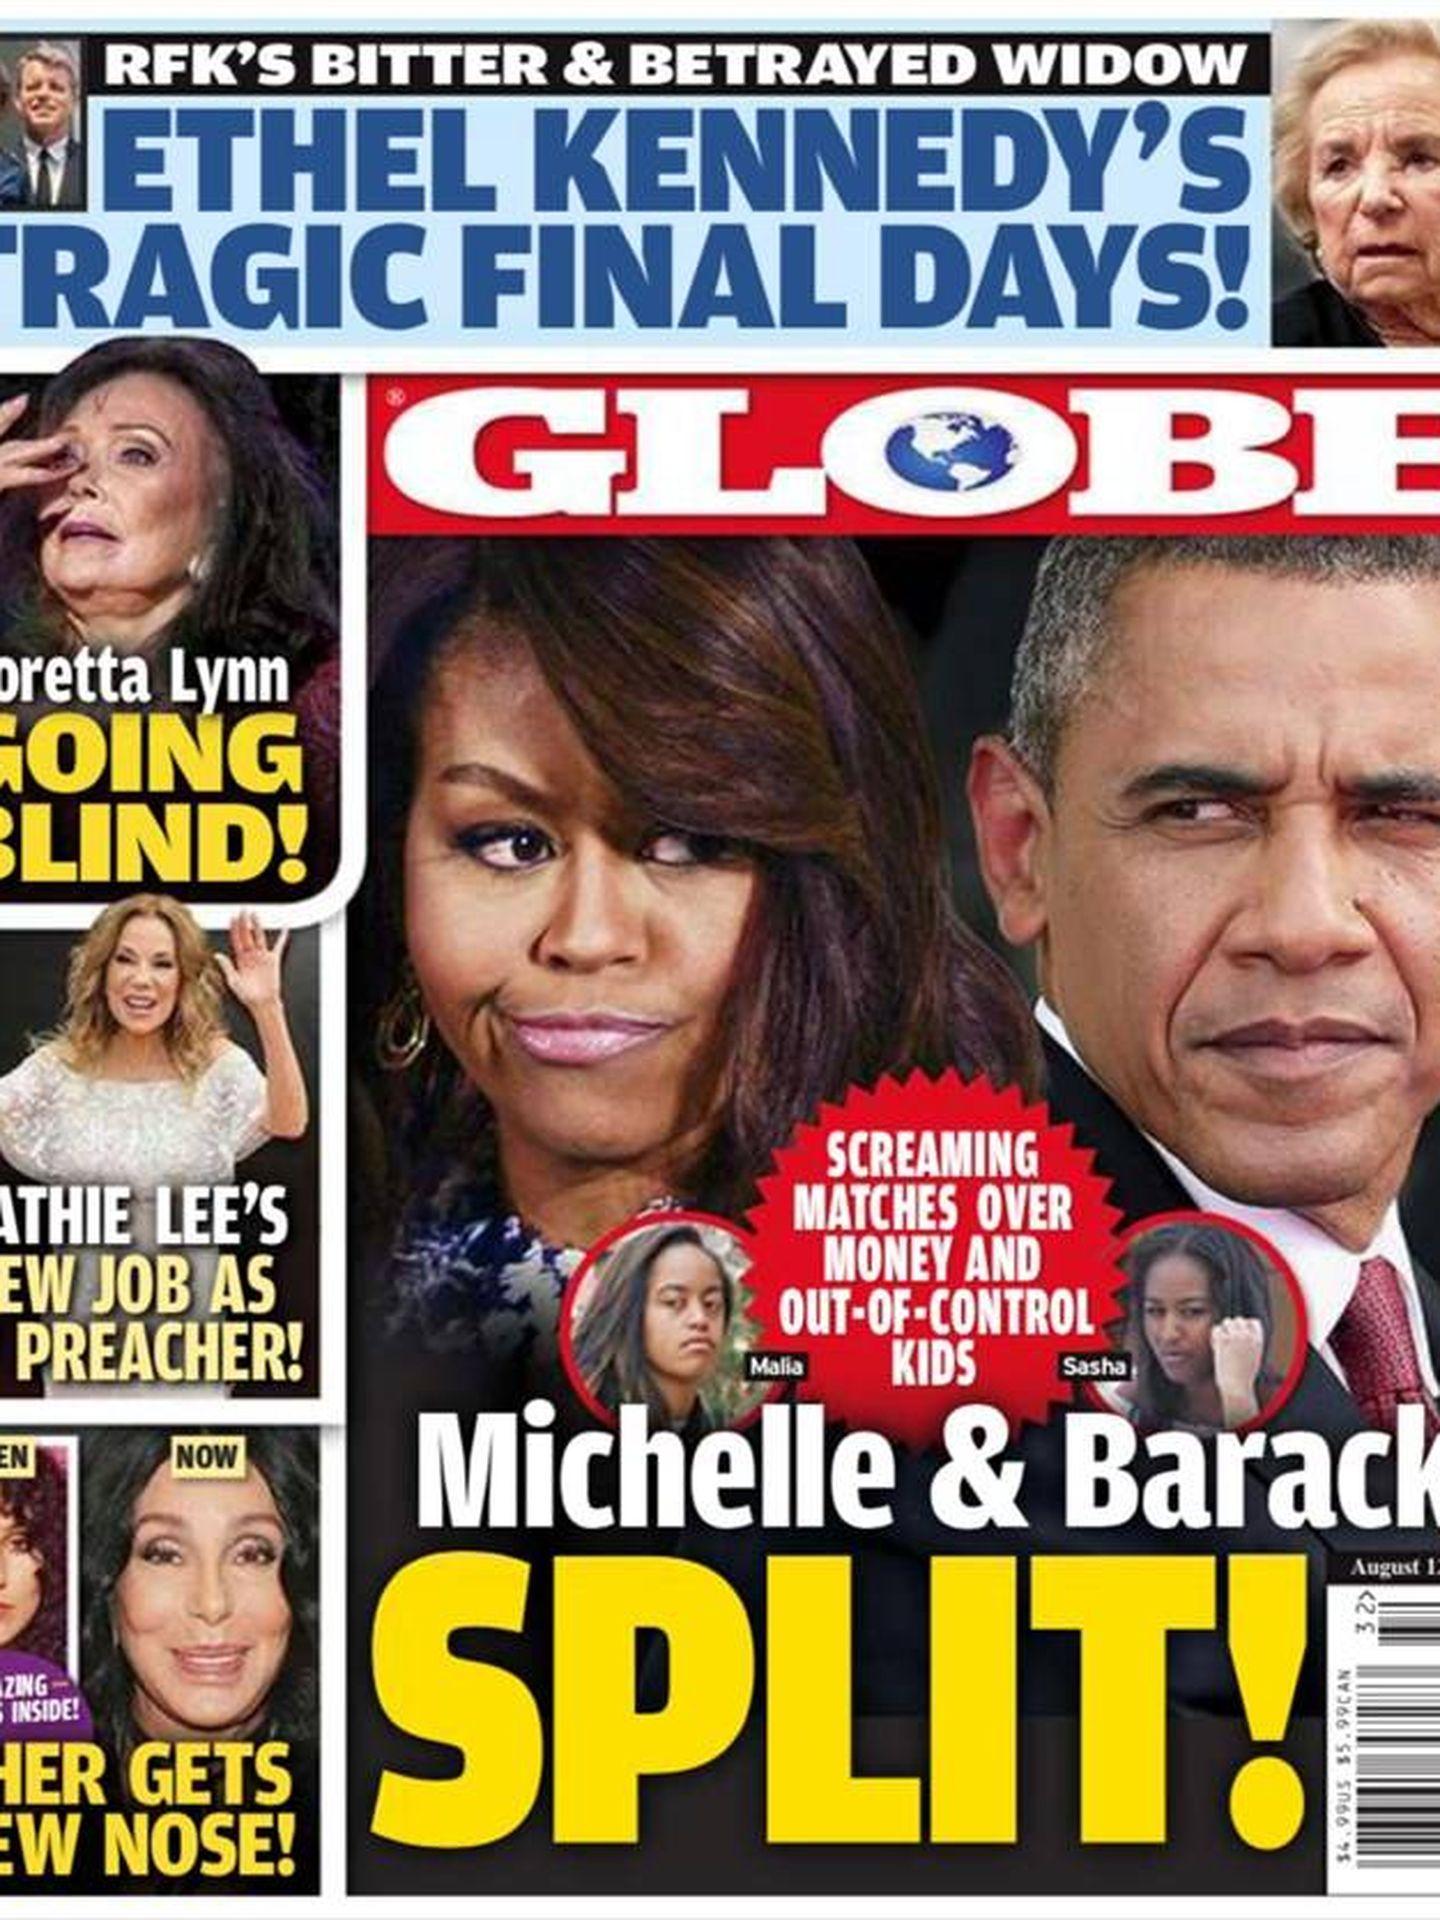 Portada de la revista. (Globe)